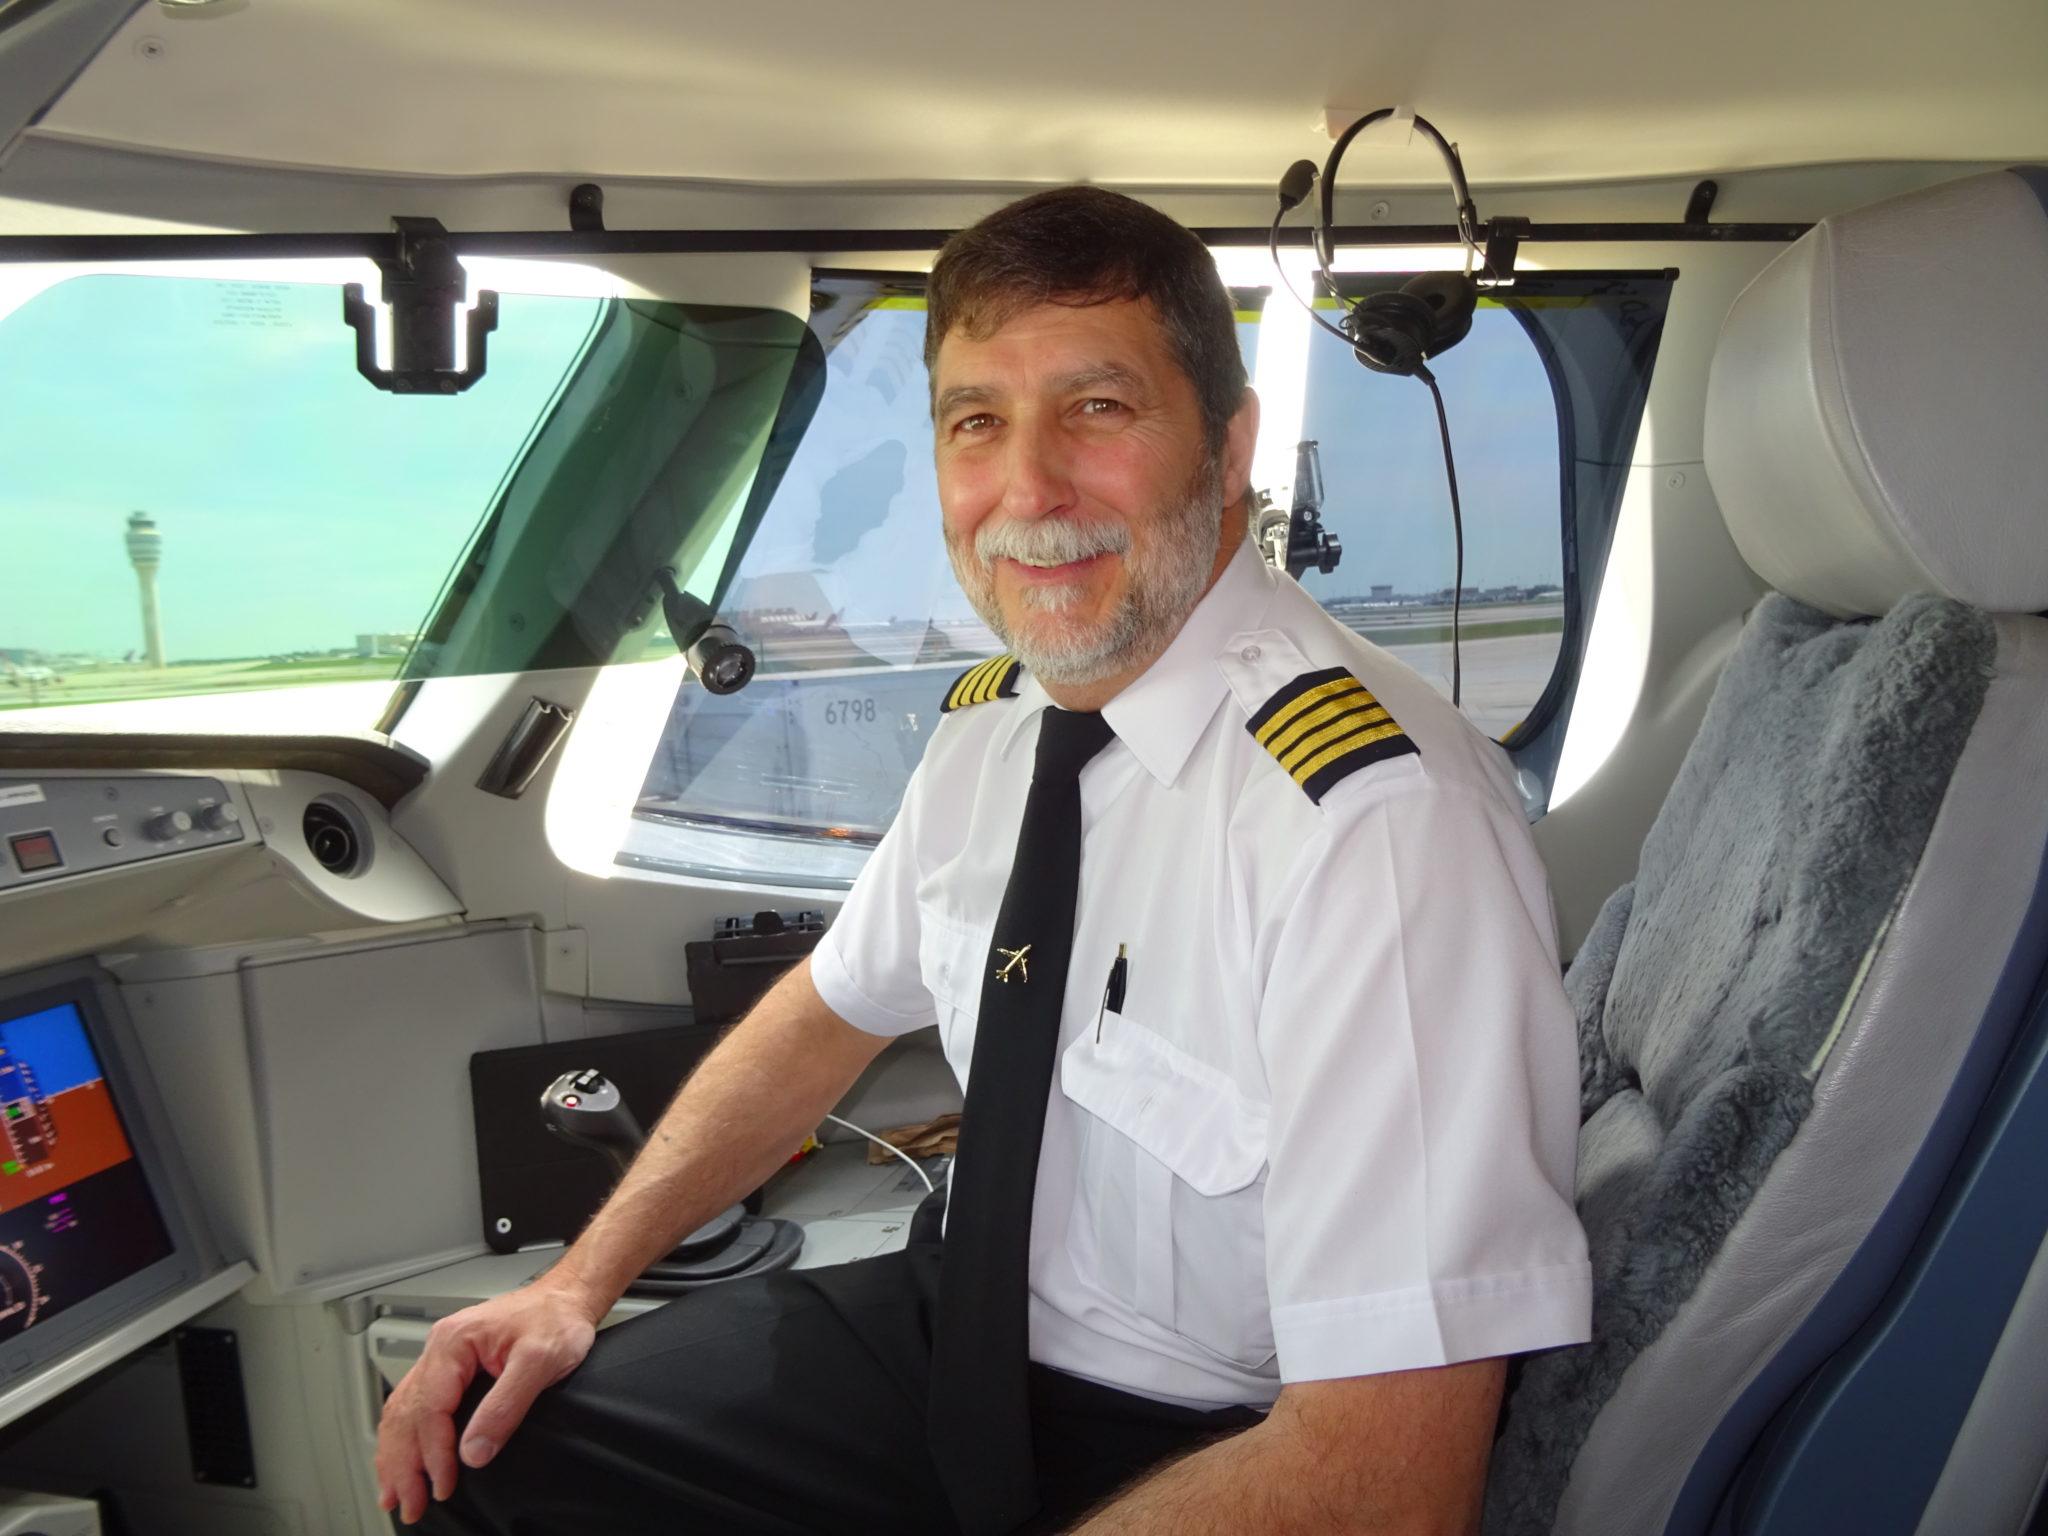 Capt. Bernard Pichette Bombardier CSeries test pilot